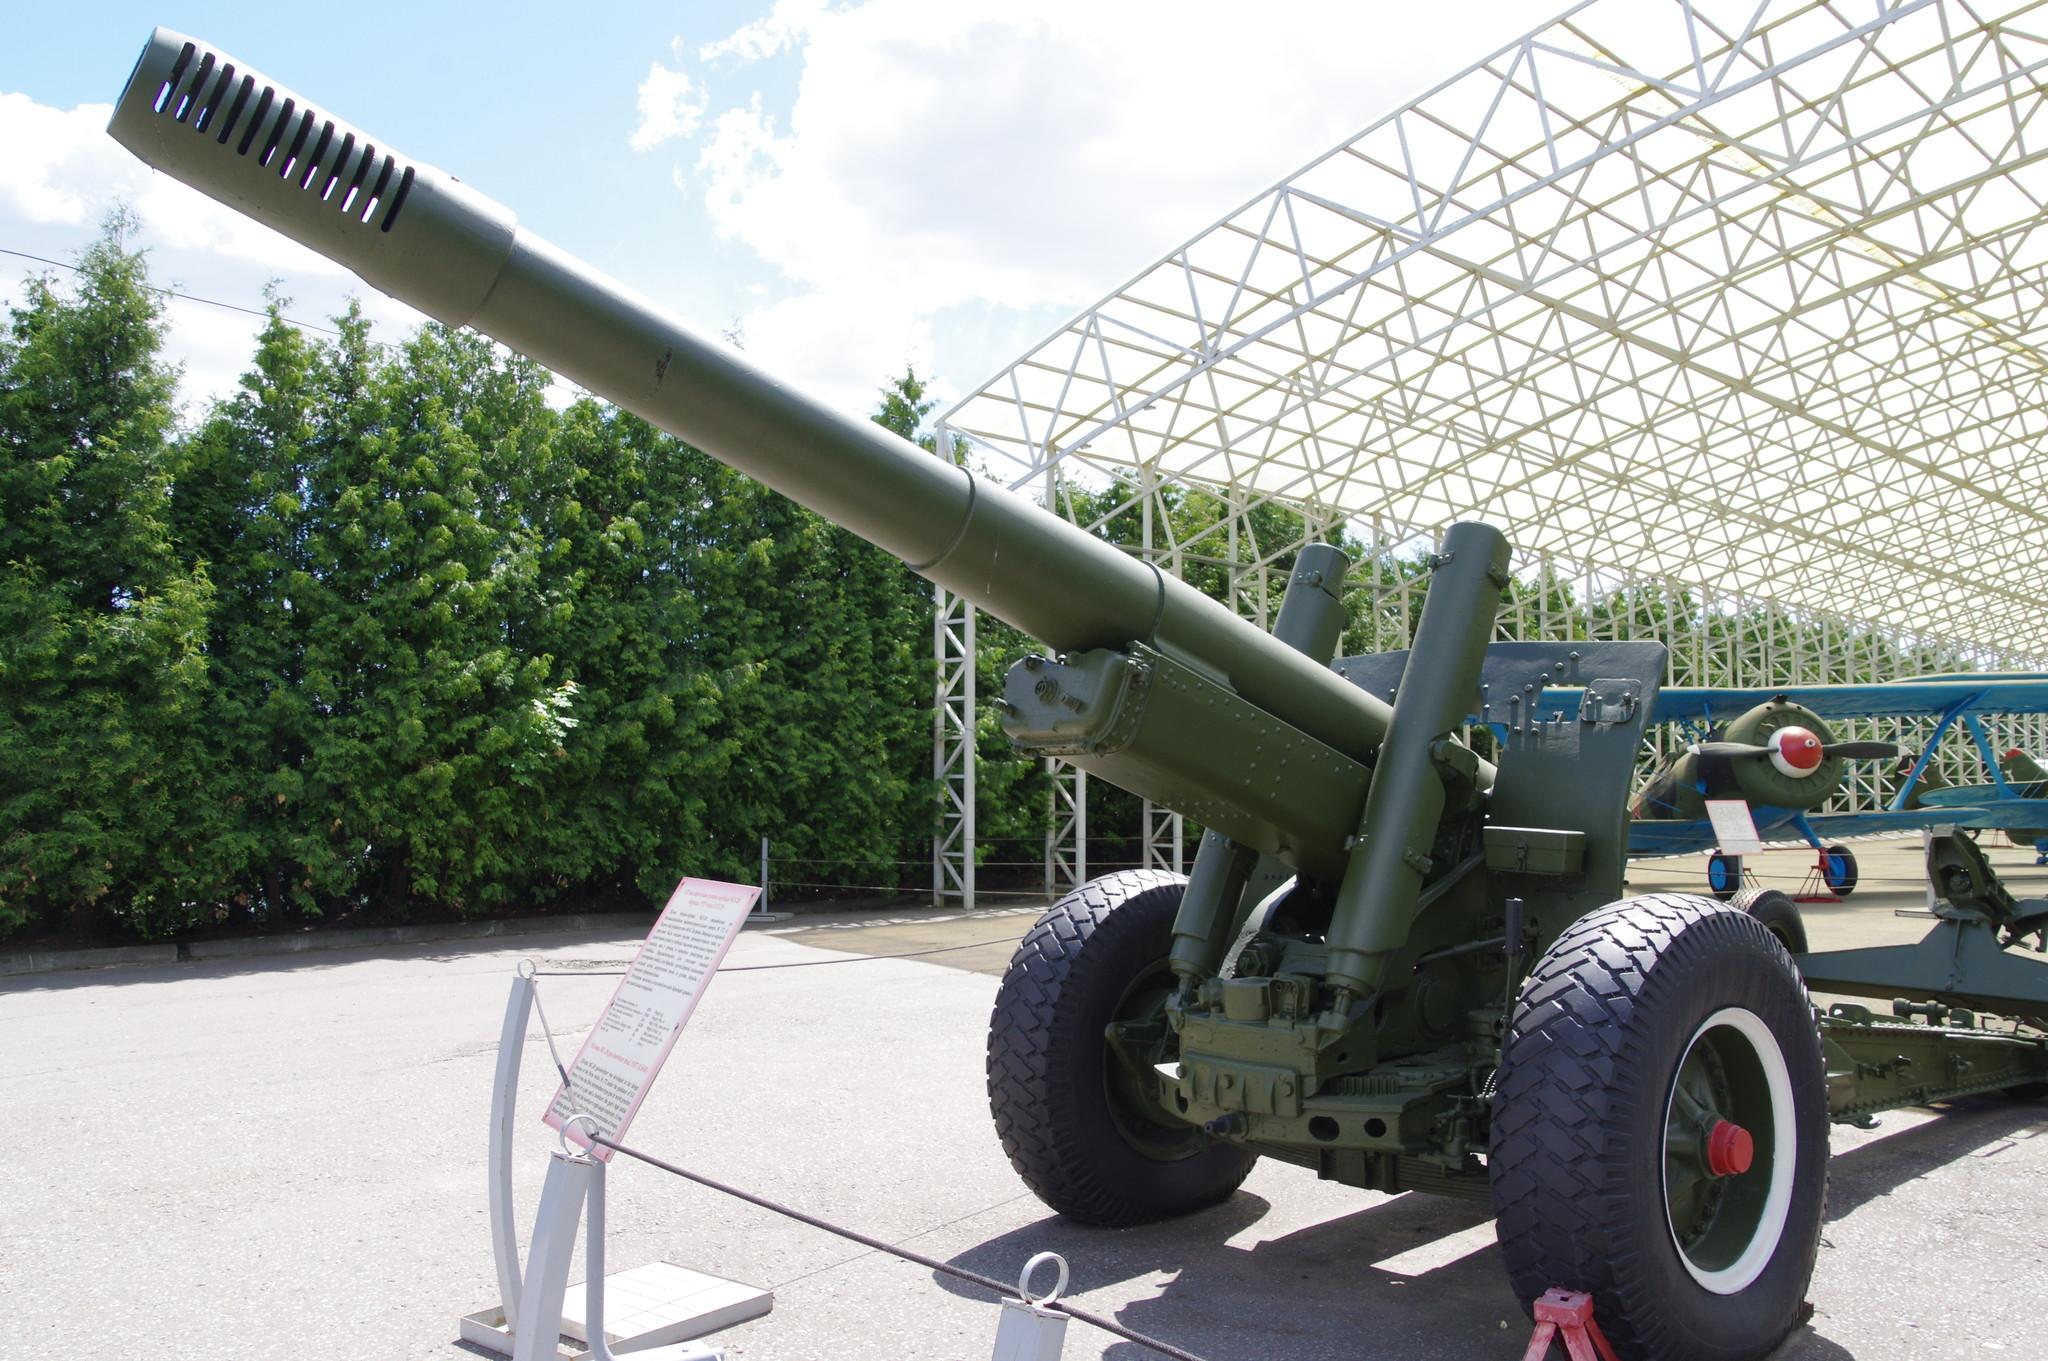 152-мм гаубица-пушка образца 1937 года (МЛ-20) в экспозиции Центрального музея Великой Отечественной войны 1941-1945 гг.